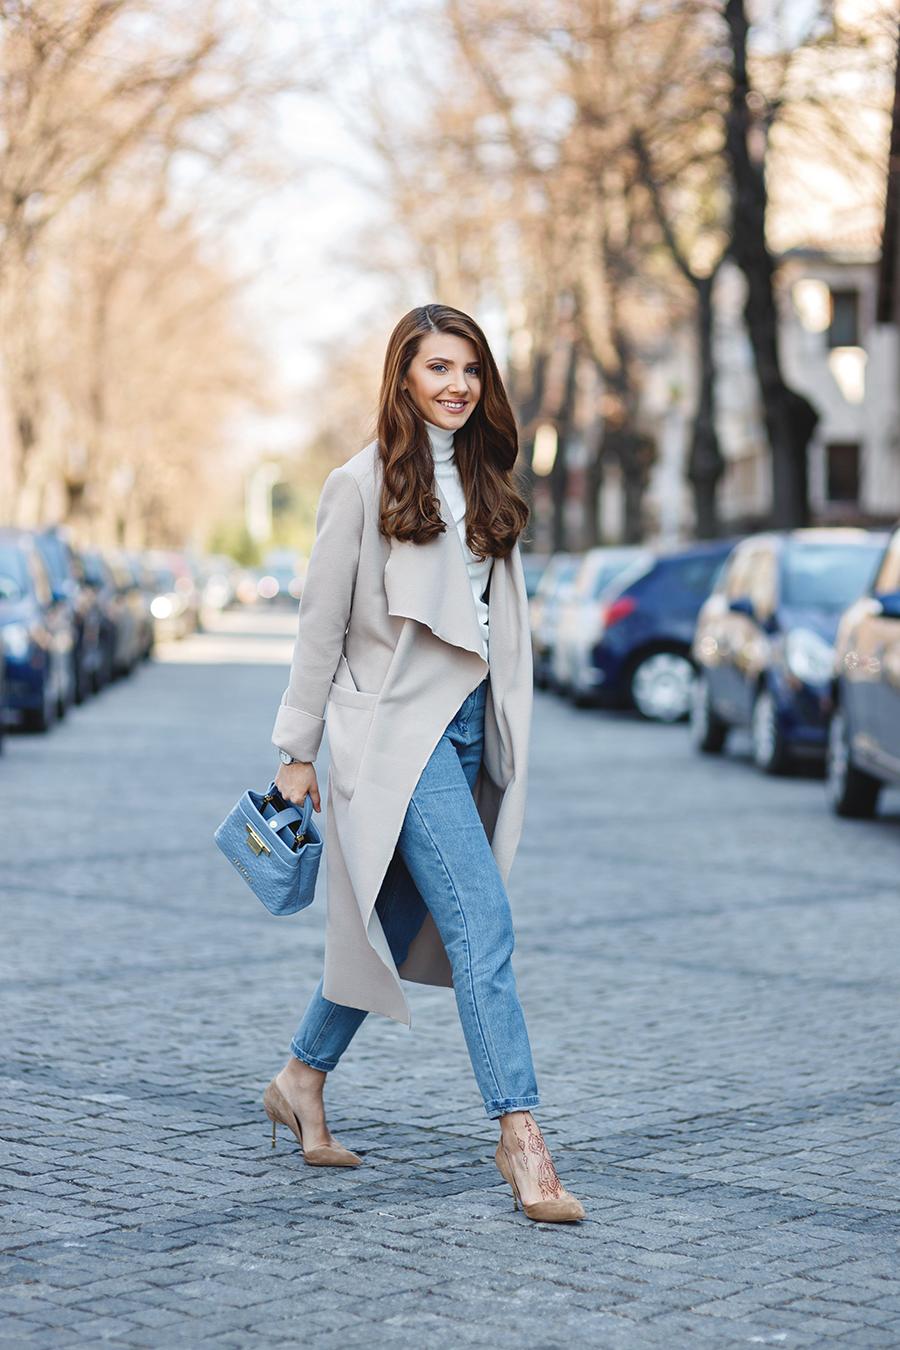 """Die selbständige und erfolgreiche Frau trägt einen """"Smart Casual"""" Look so ..."""